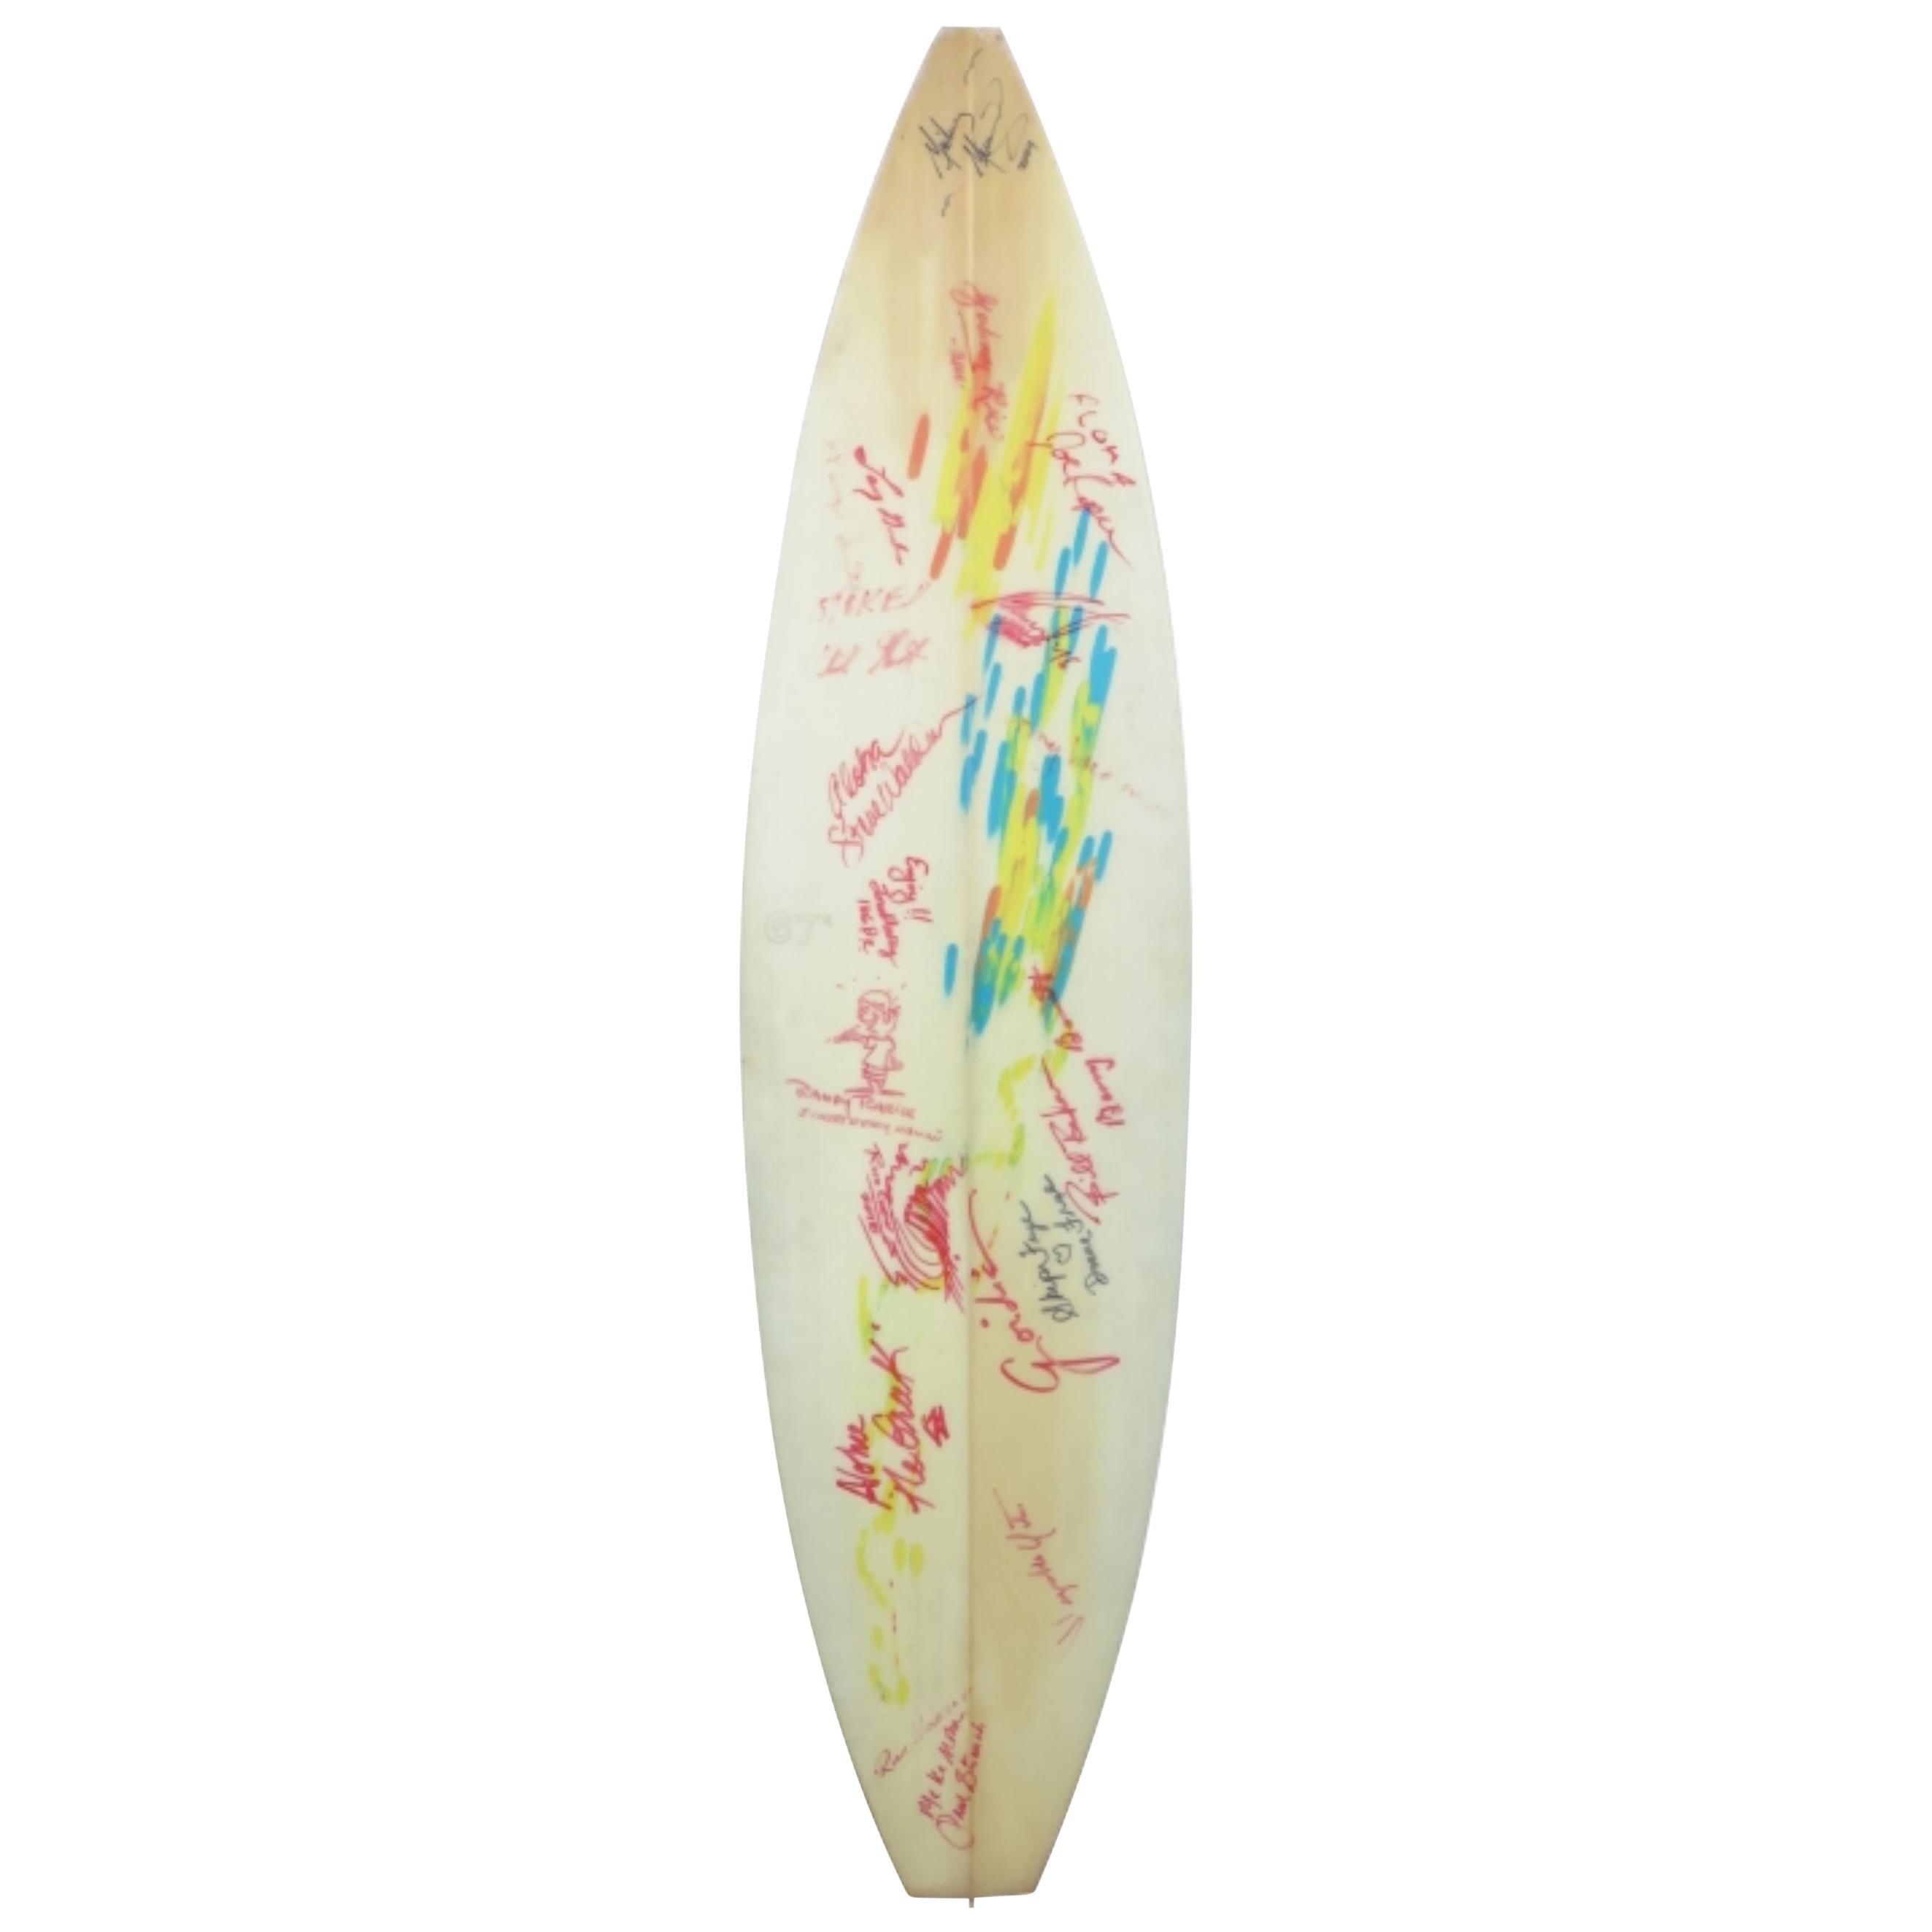 Final Clark Foam Surfboard Blank Signed by Surfing Legends